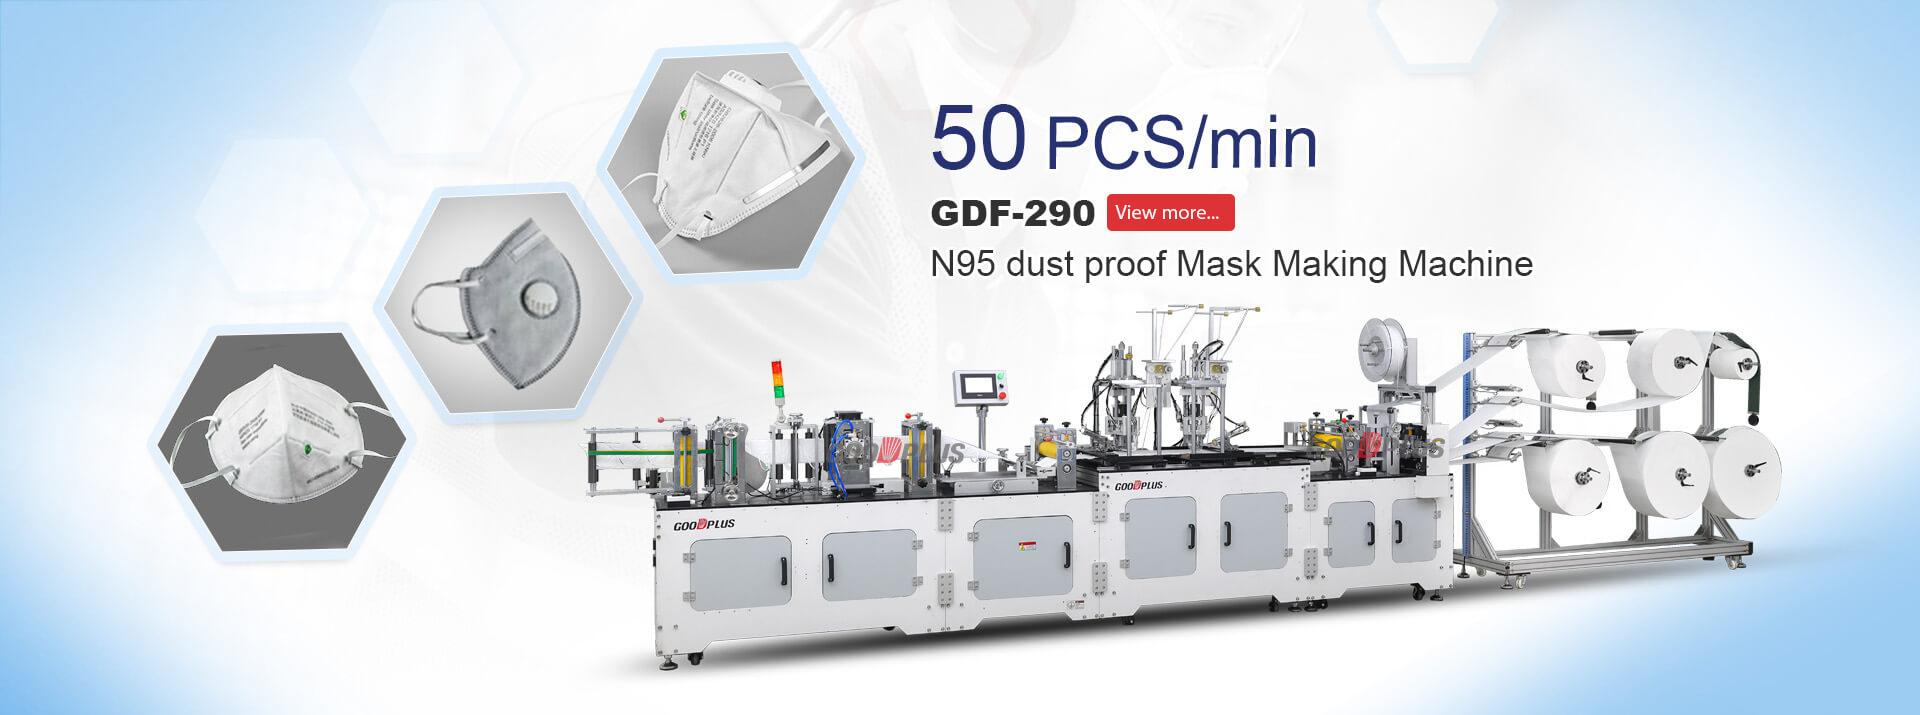 N95 dust proof mask making machine